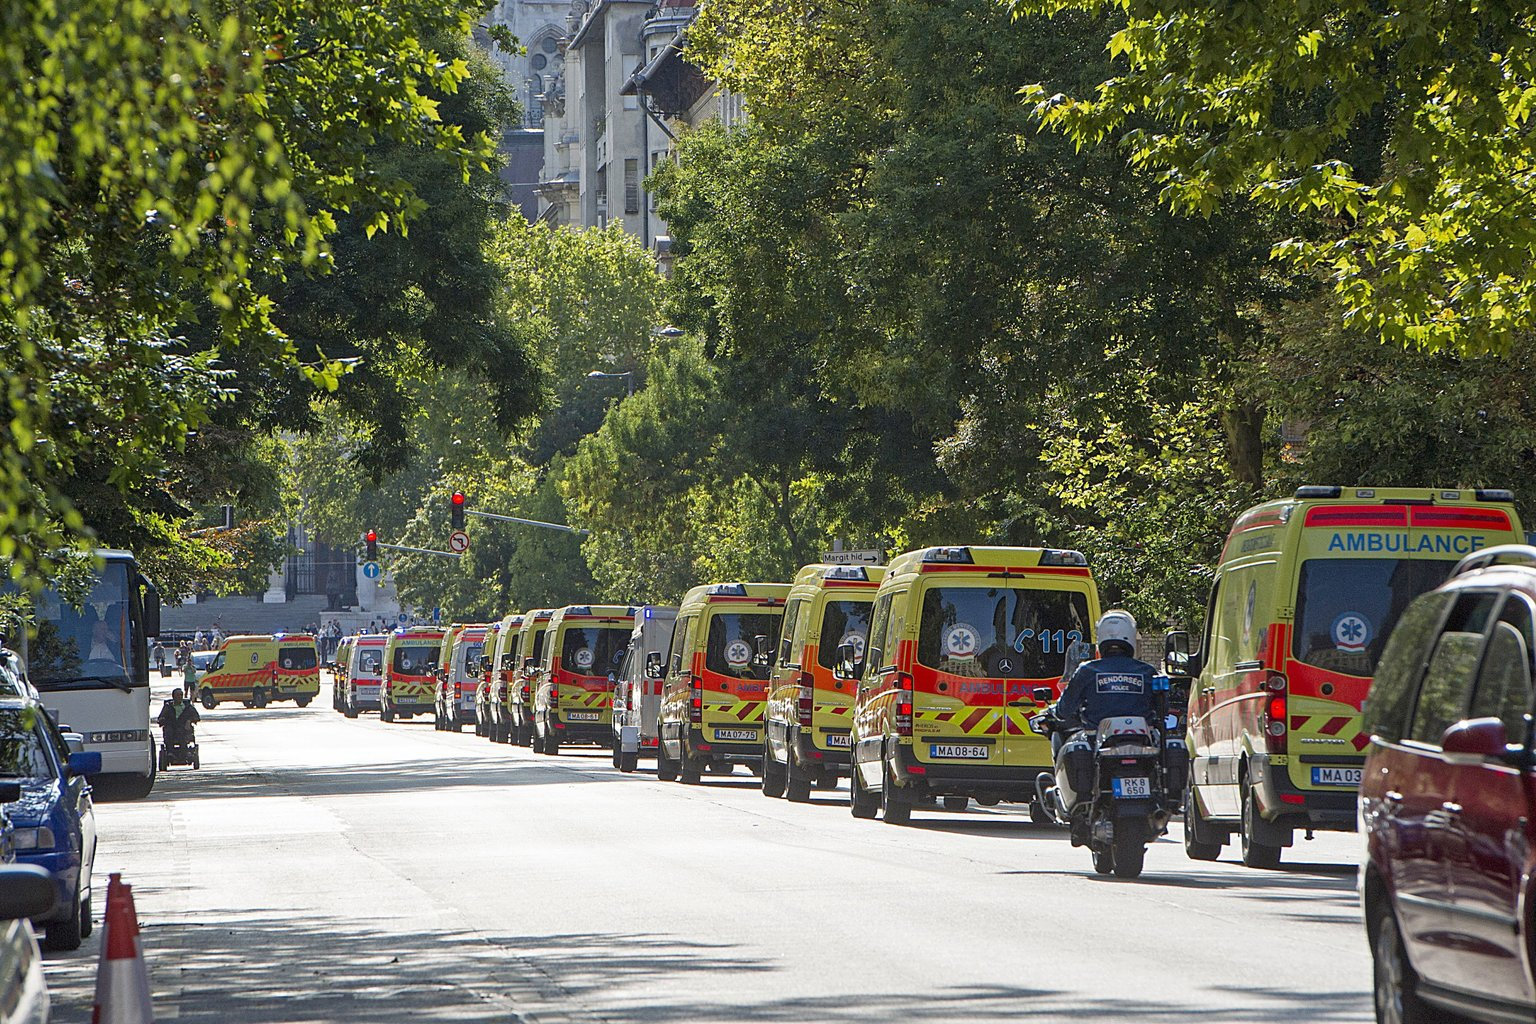 Budapest, 2017. augusztus 20. A fővárosi tűzijátékot biztosító mentőautók konvoja halad az V. kerületi Alkotmány utcában 2017. augusztus 20-án. Az Országos Mentőszolgálat 36 pluszkocsit vezényel a helyszínekre. A budai és a pesti oldalon is lesz egy-egy tömegesbaleseti egység is, amely szükség esetén sok sérült egyszerre történő ellátására is alkalmas, egy sátorral, amelyben helyszíni ambulanciát alakíthatnak ki. MTI Fotó: Lakatos Péter